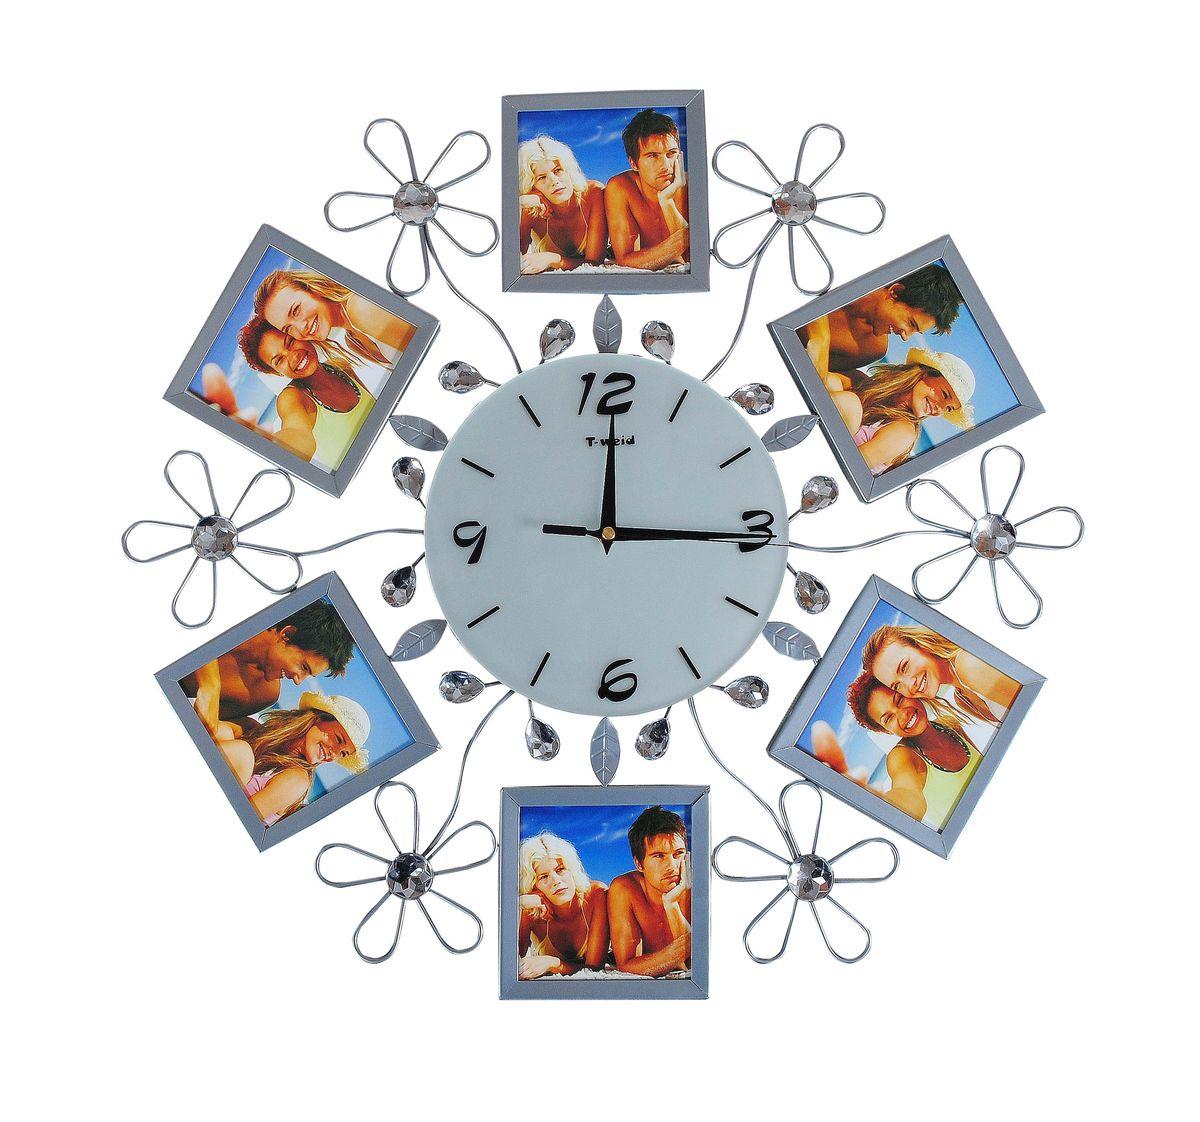 Часы настенные T-Weid, цвет: серебристый, 50 х 50 х 5 смM 2051 BНастенные кварцевые часы - это прекрасный предмет декора, а также универсальный подарок практически по любому поводу. Циферблат часов оснащен тремя фигурными стрелками: часовой, минутной и секундной. Циферблат выполнен из матового, прочного стекла. Корпус часов украшен стразами. На задней стенке часов расположена металлическая петелька для подвешивания и блок с часовым механизмом. Часы прекрасно впишутся в любой интерьер. Тип механизма: плавающий, бесшумный. Рекомендуется докупить батарейку типа АА (не входит в комплект). Для 6 фото 11х11 см.